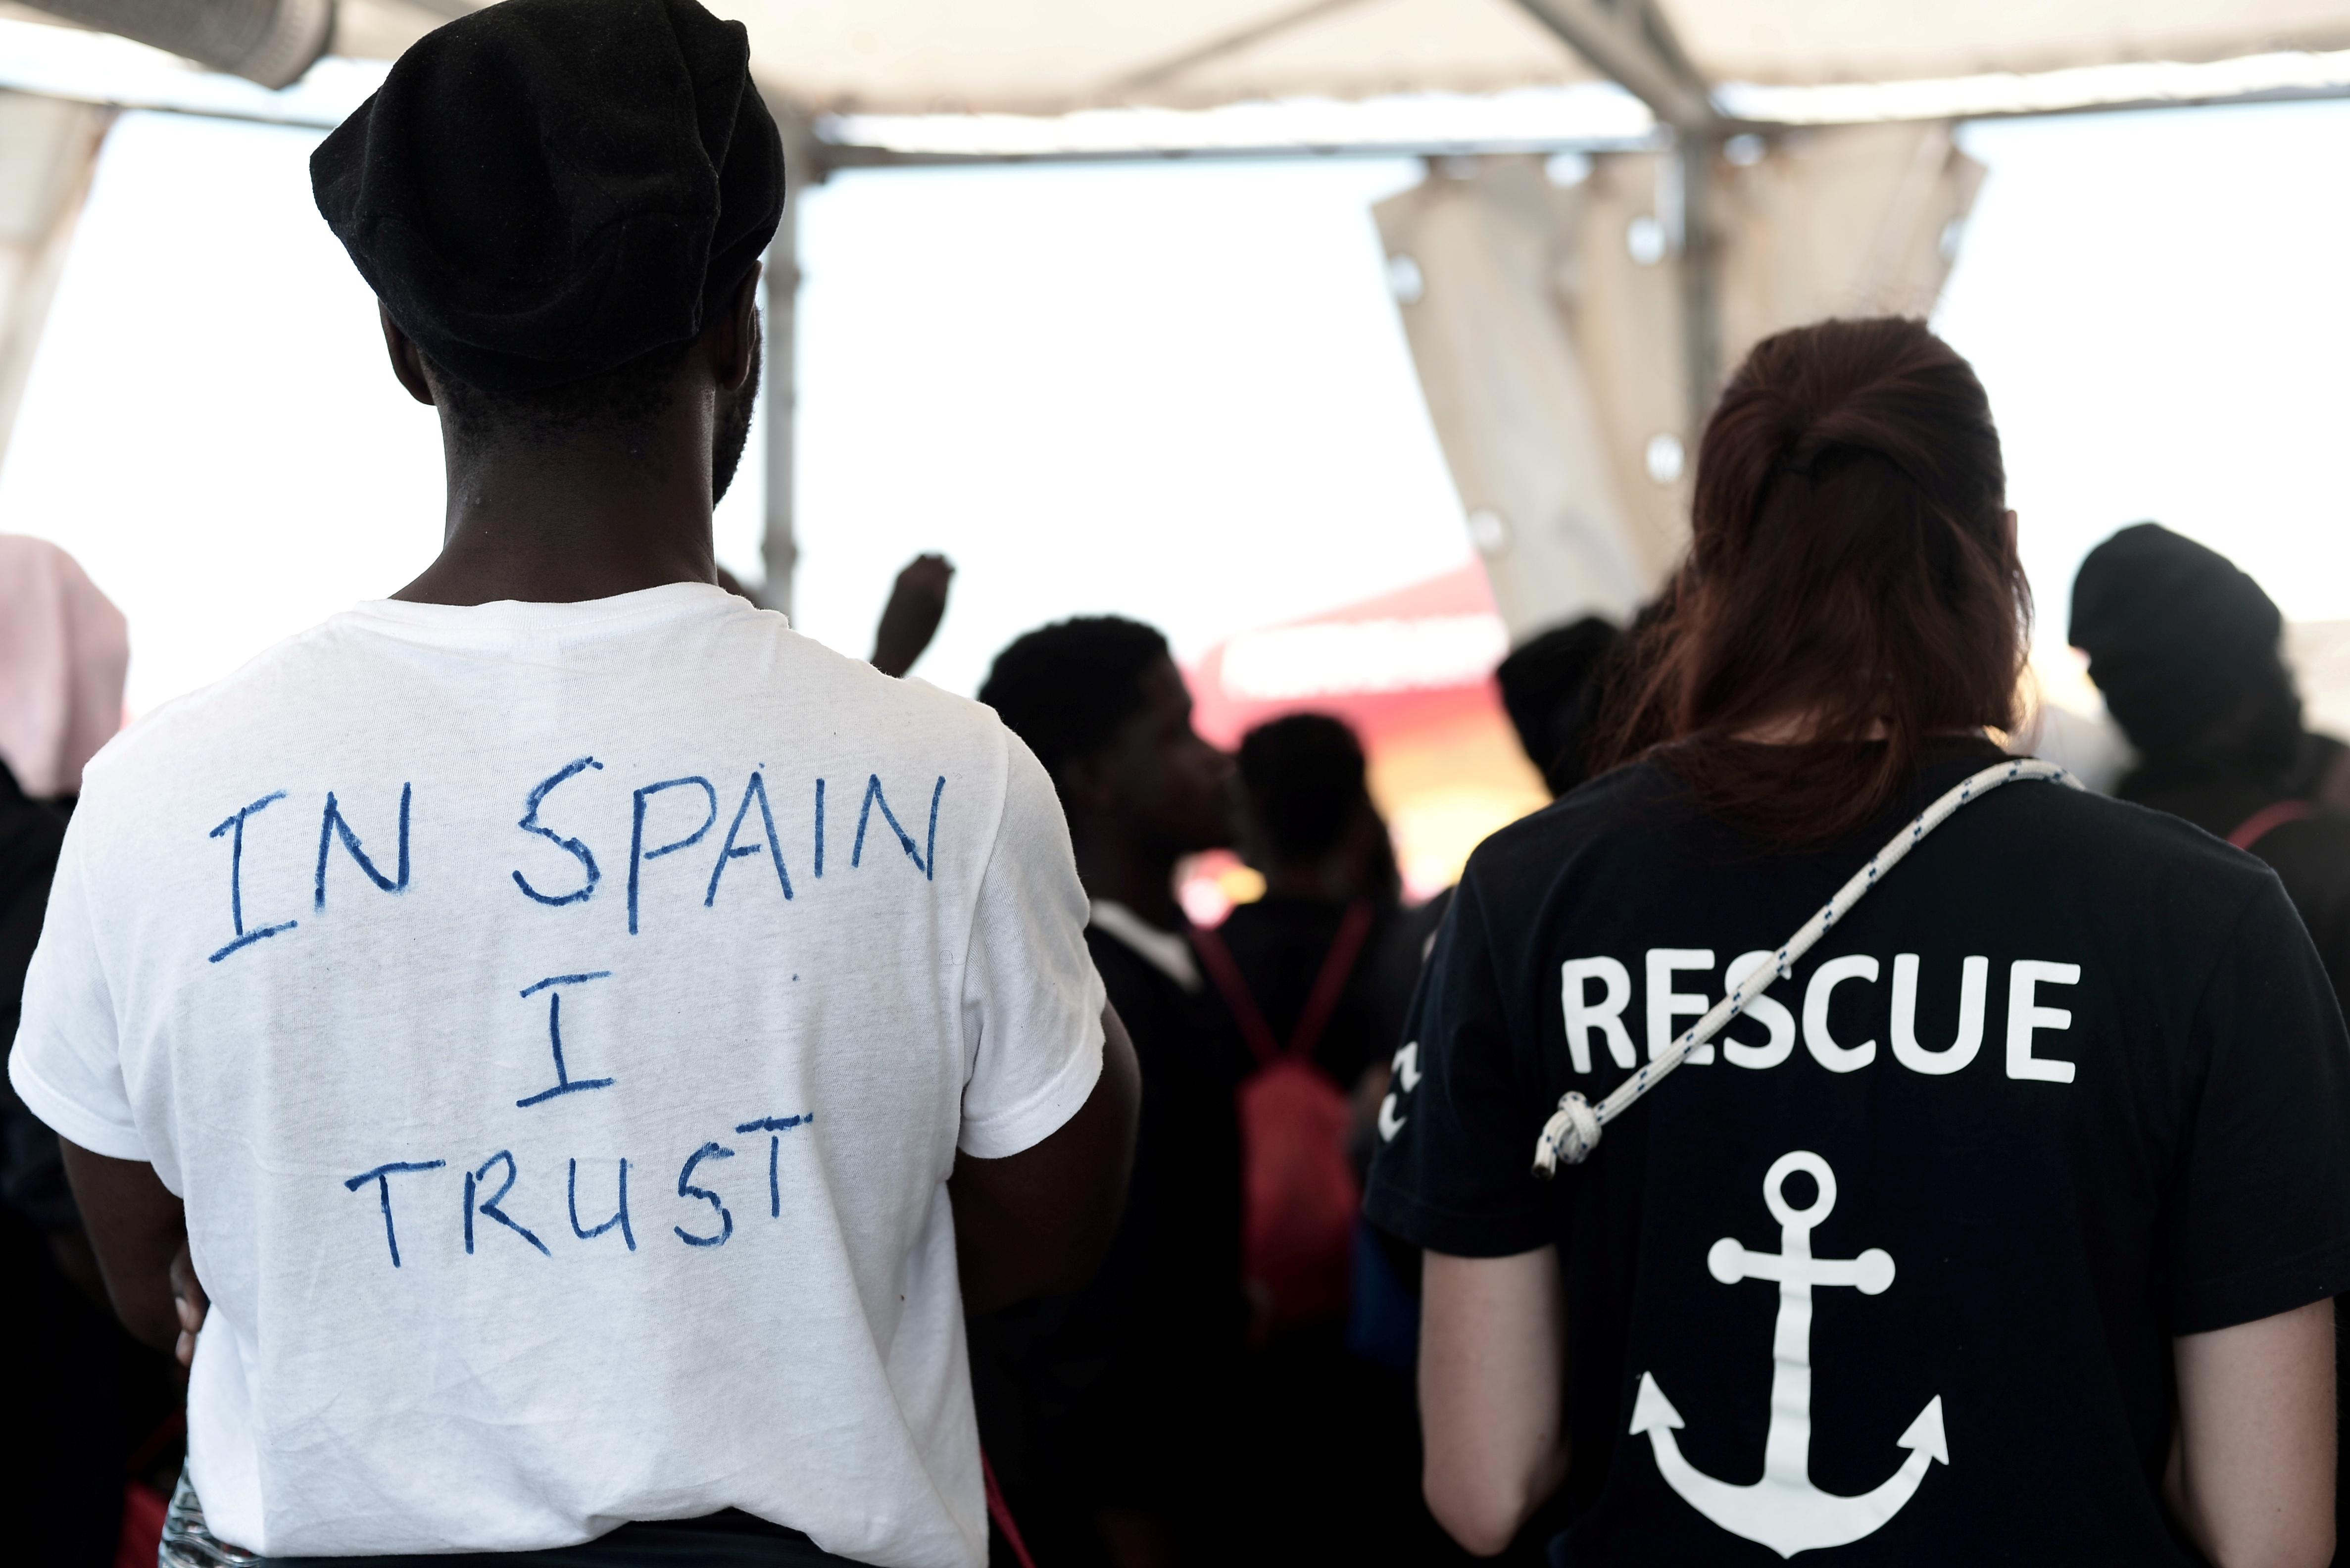 Иммигранты на контрольно-пропускном пункте в Испании